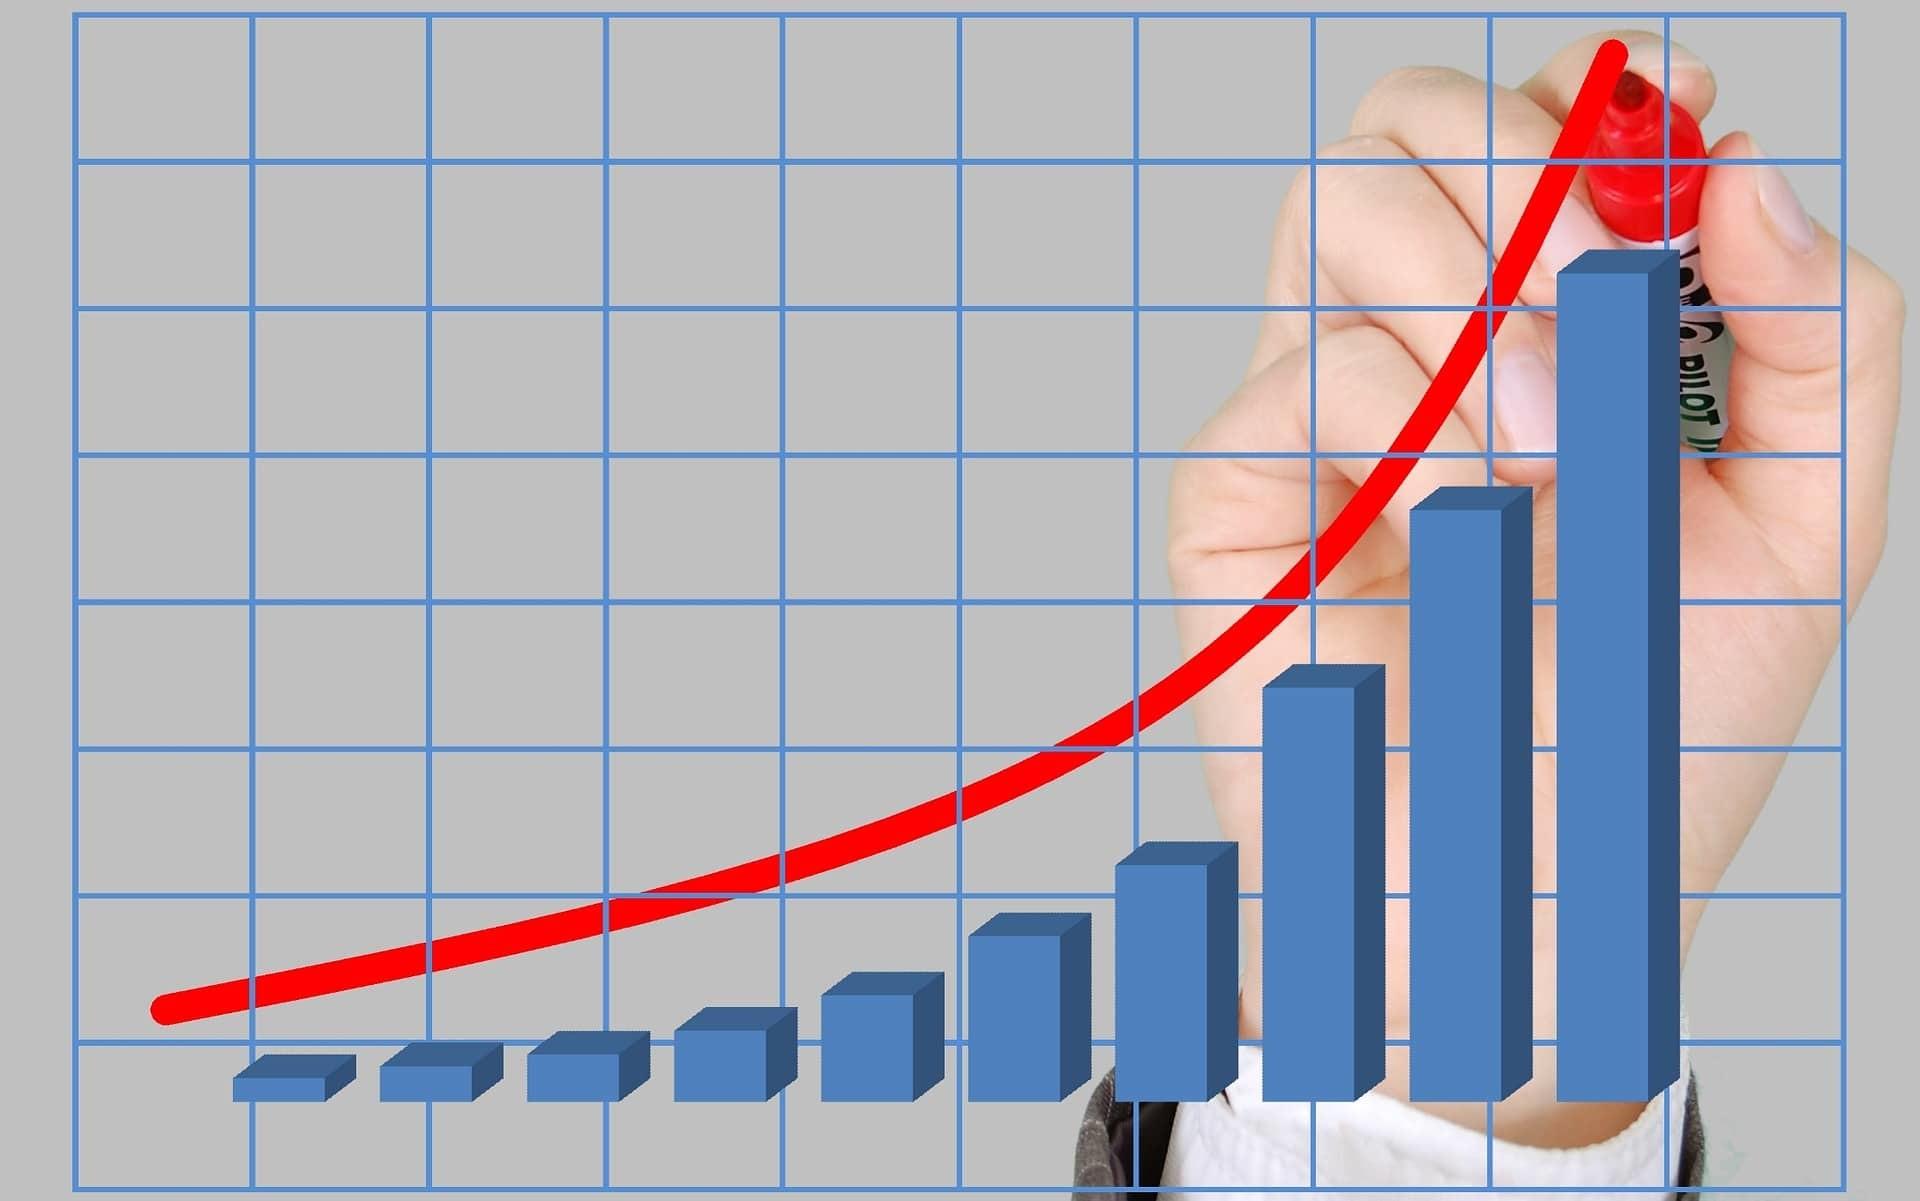 Welche Formel ist die richtige Umsatzrentabilität Formel?